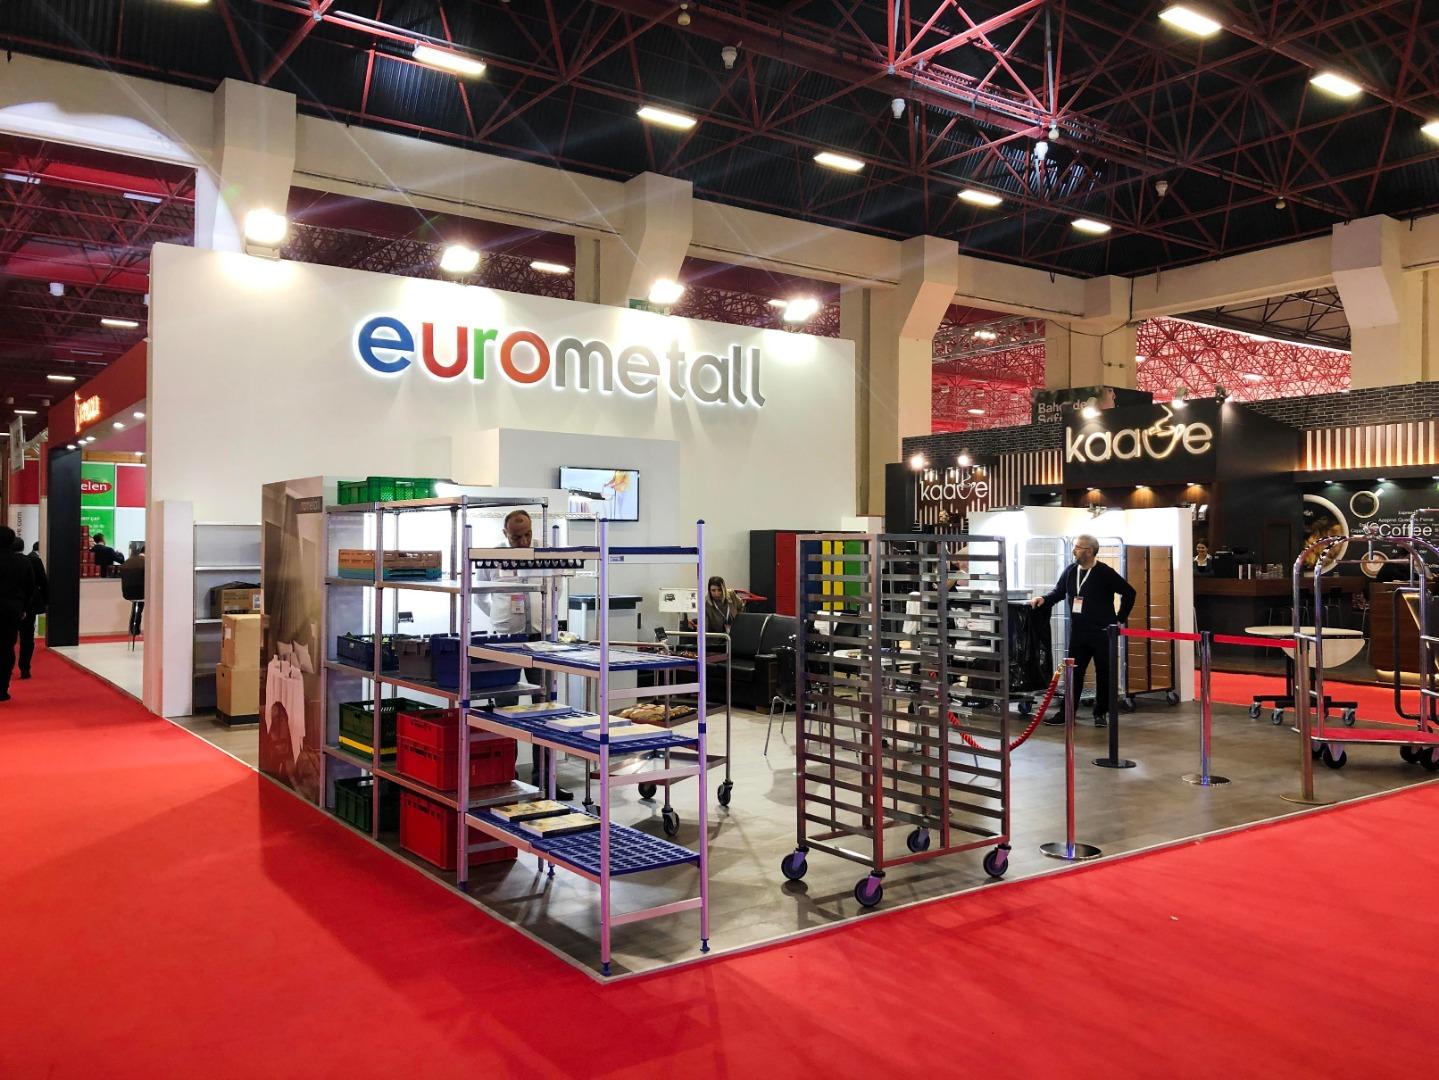 Eurometall gıda sektörüyle Bursa Gıda Fuarı'nda buluşacak